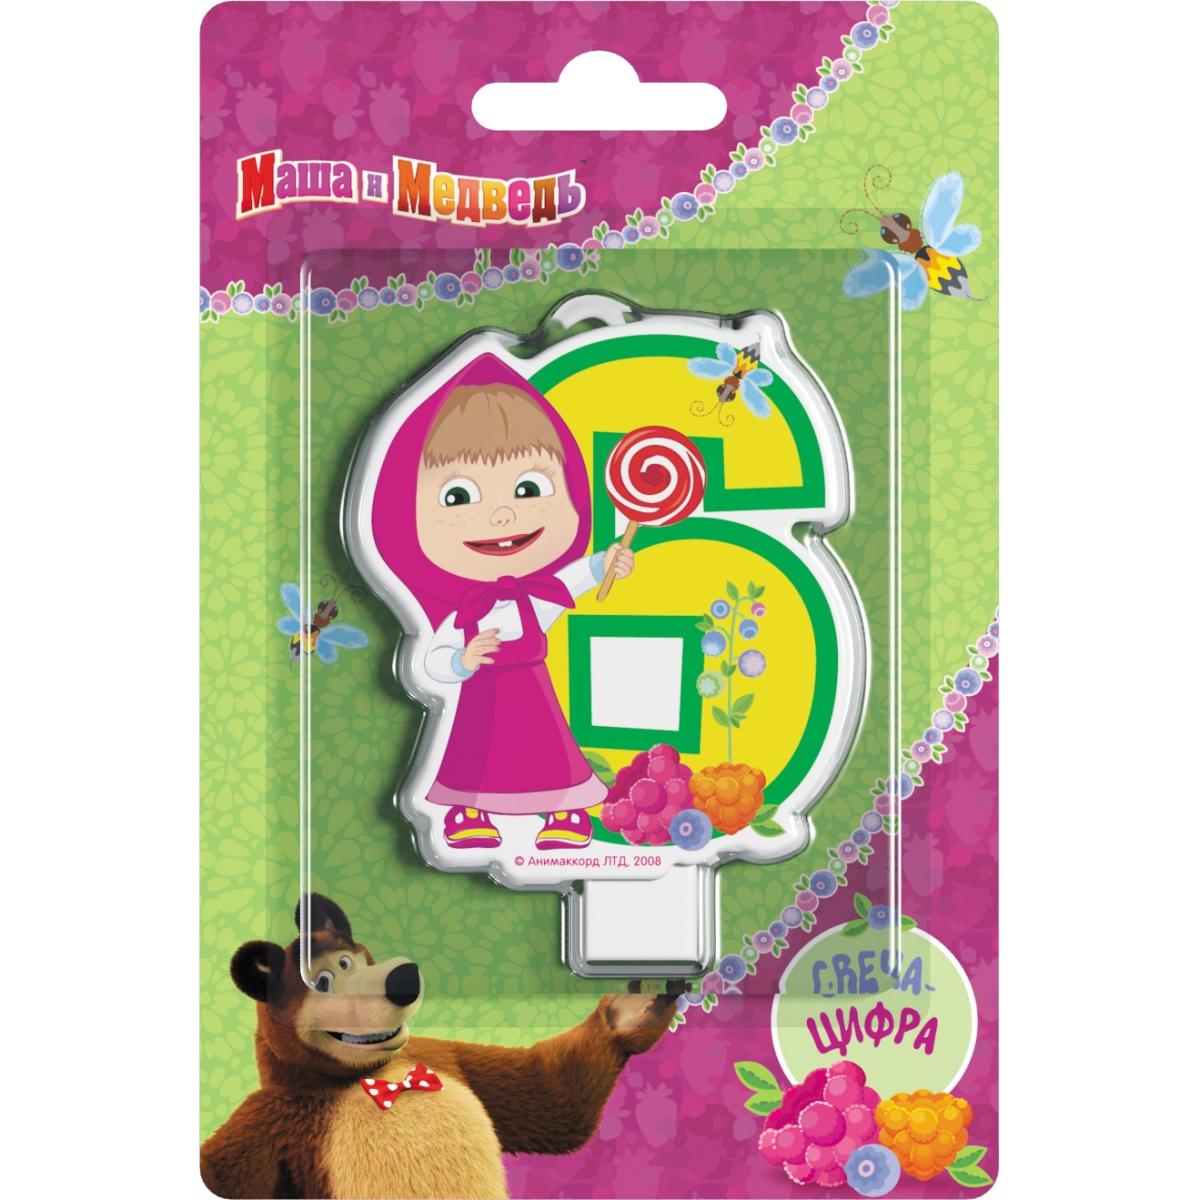 Маша и Медведь Свеча для торта Цифра 6 маша и медведь ручка многоцветная 6 цветов